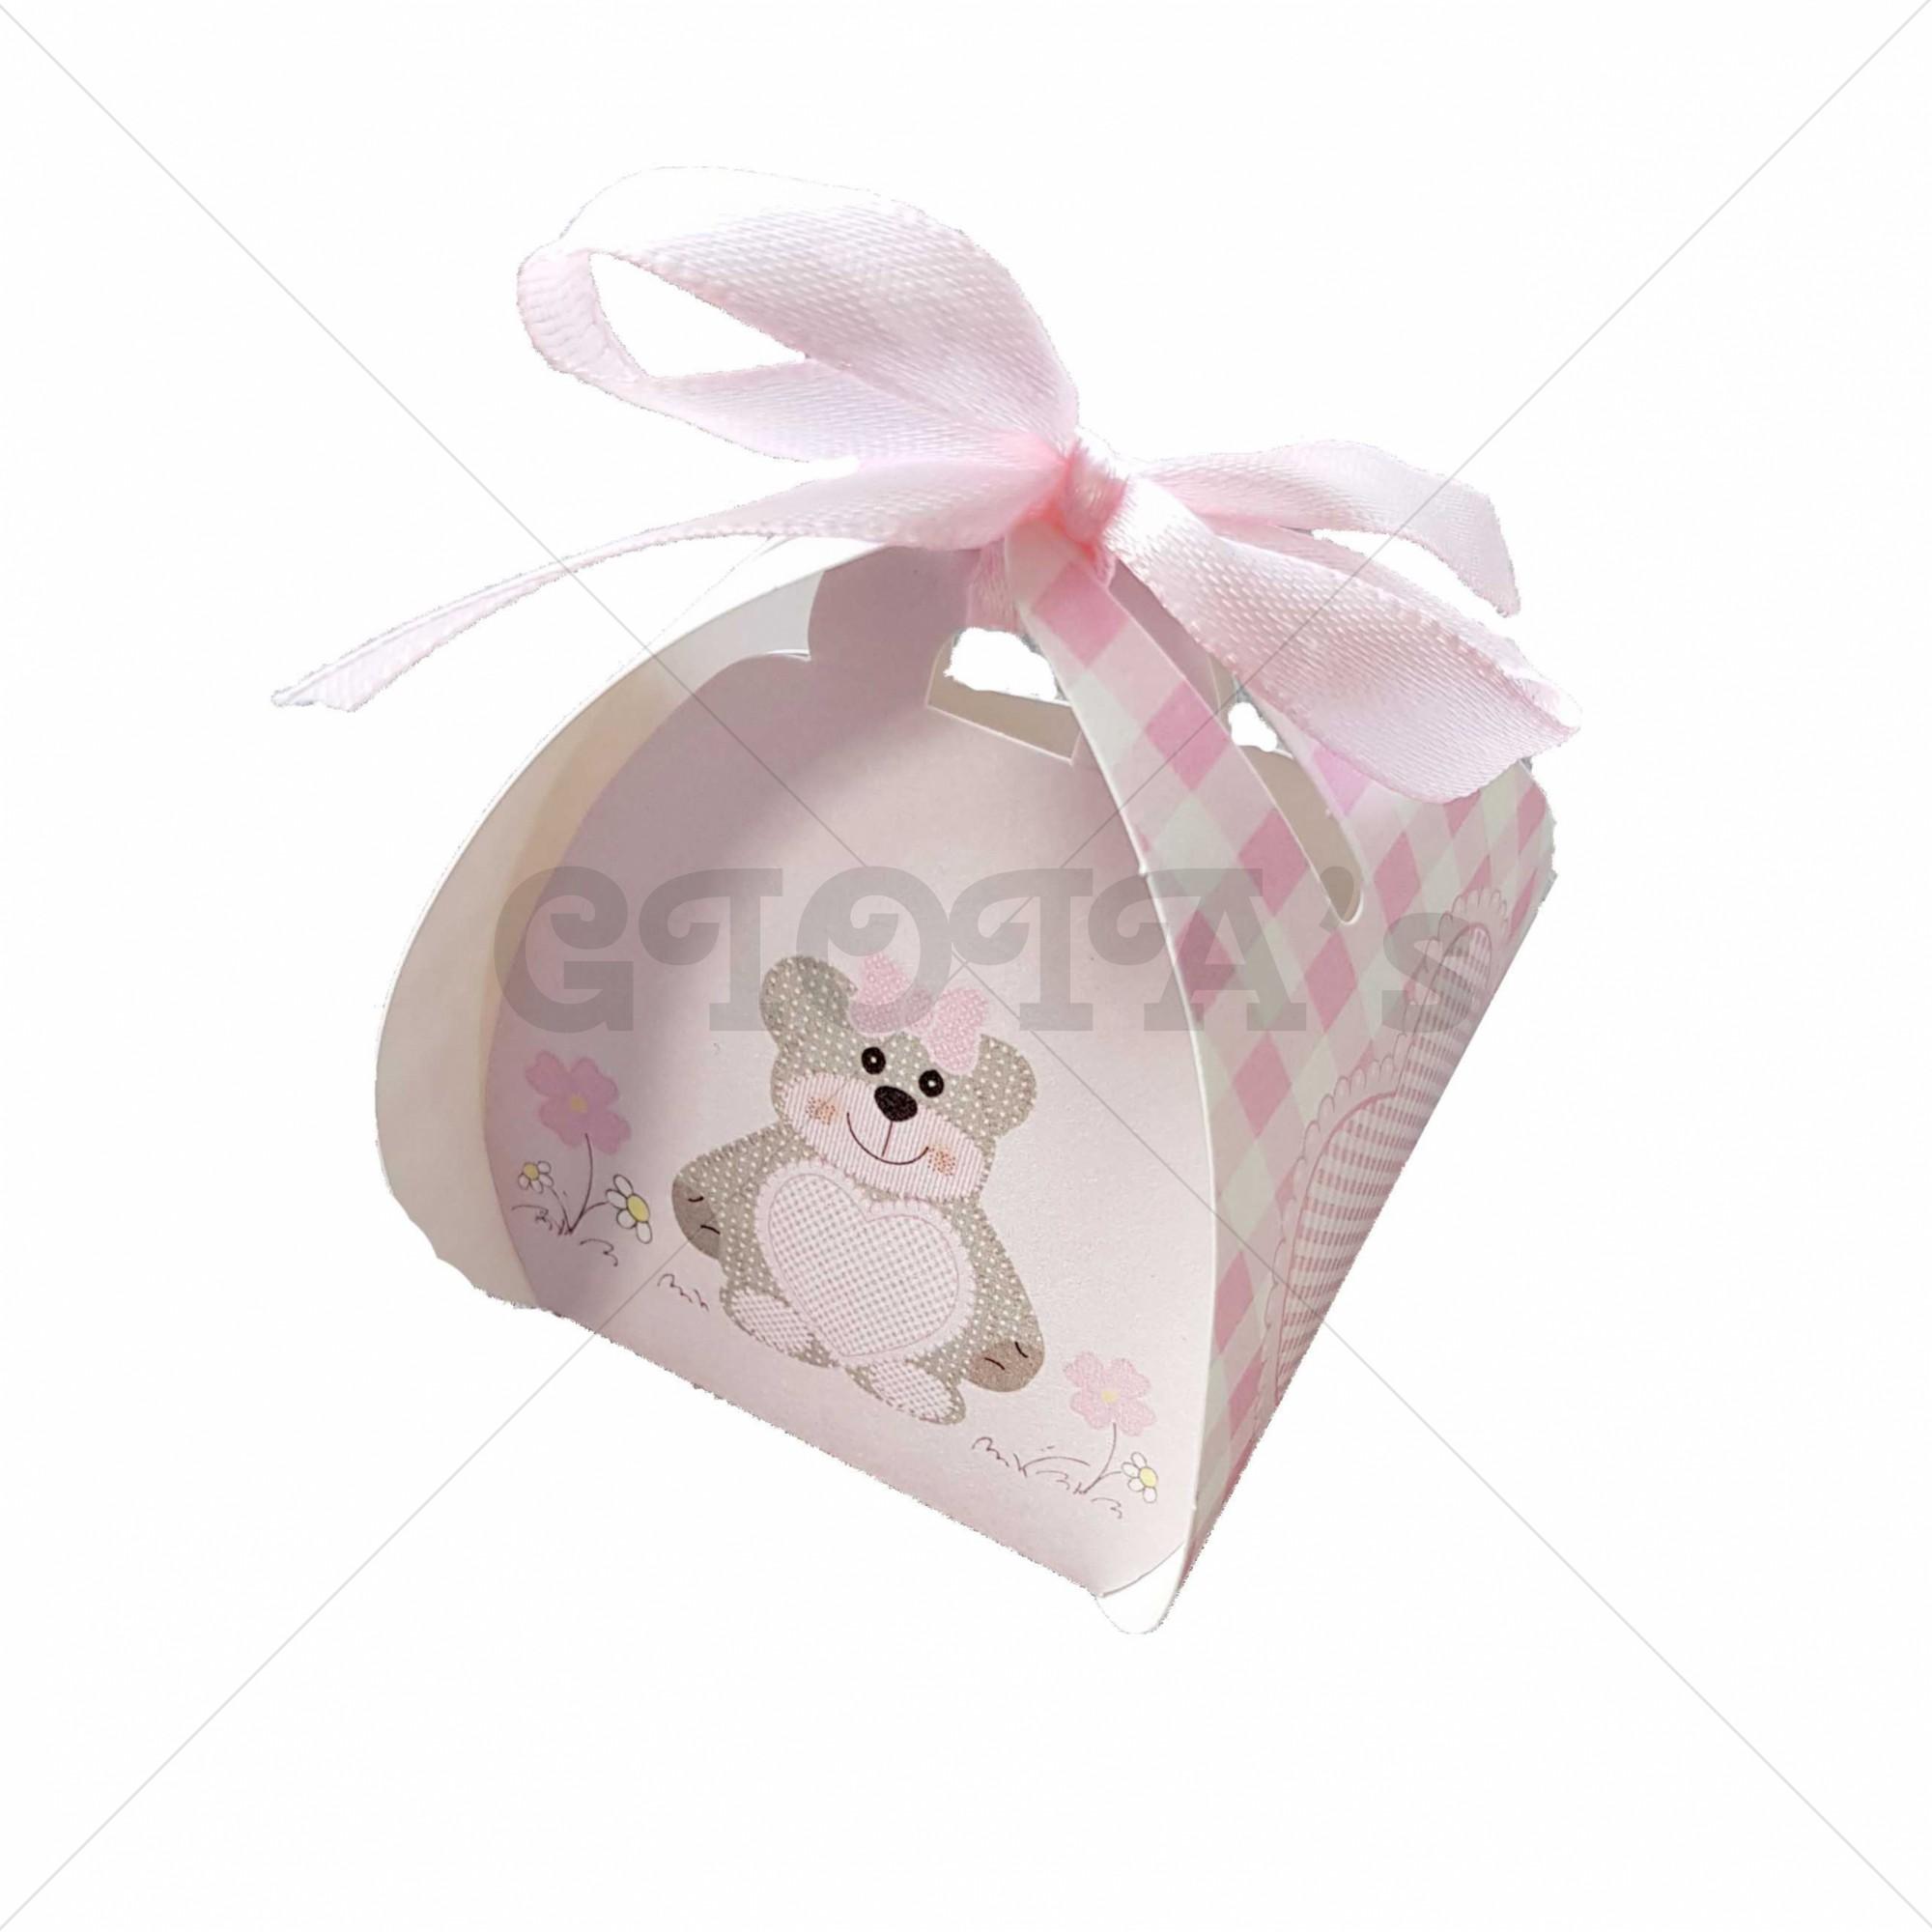 Doosje roze-wit met beer en strik